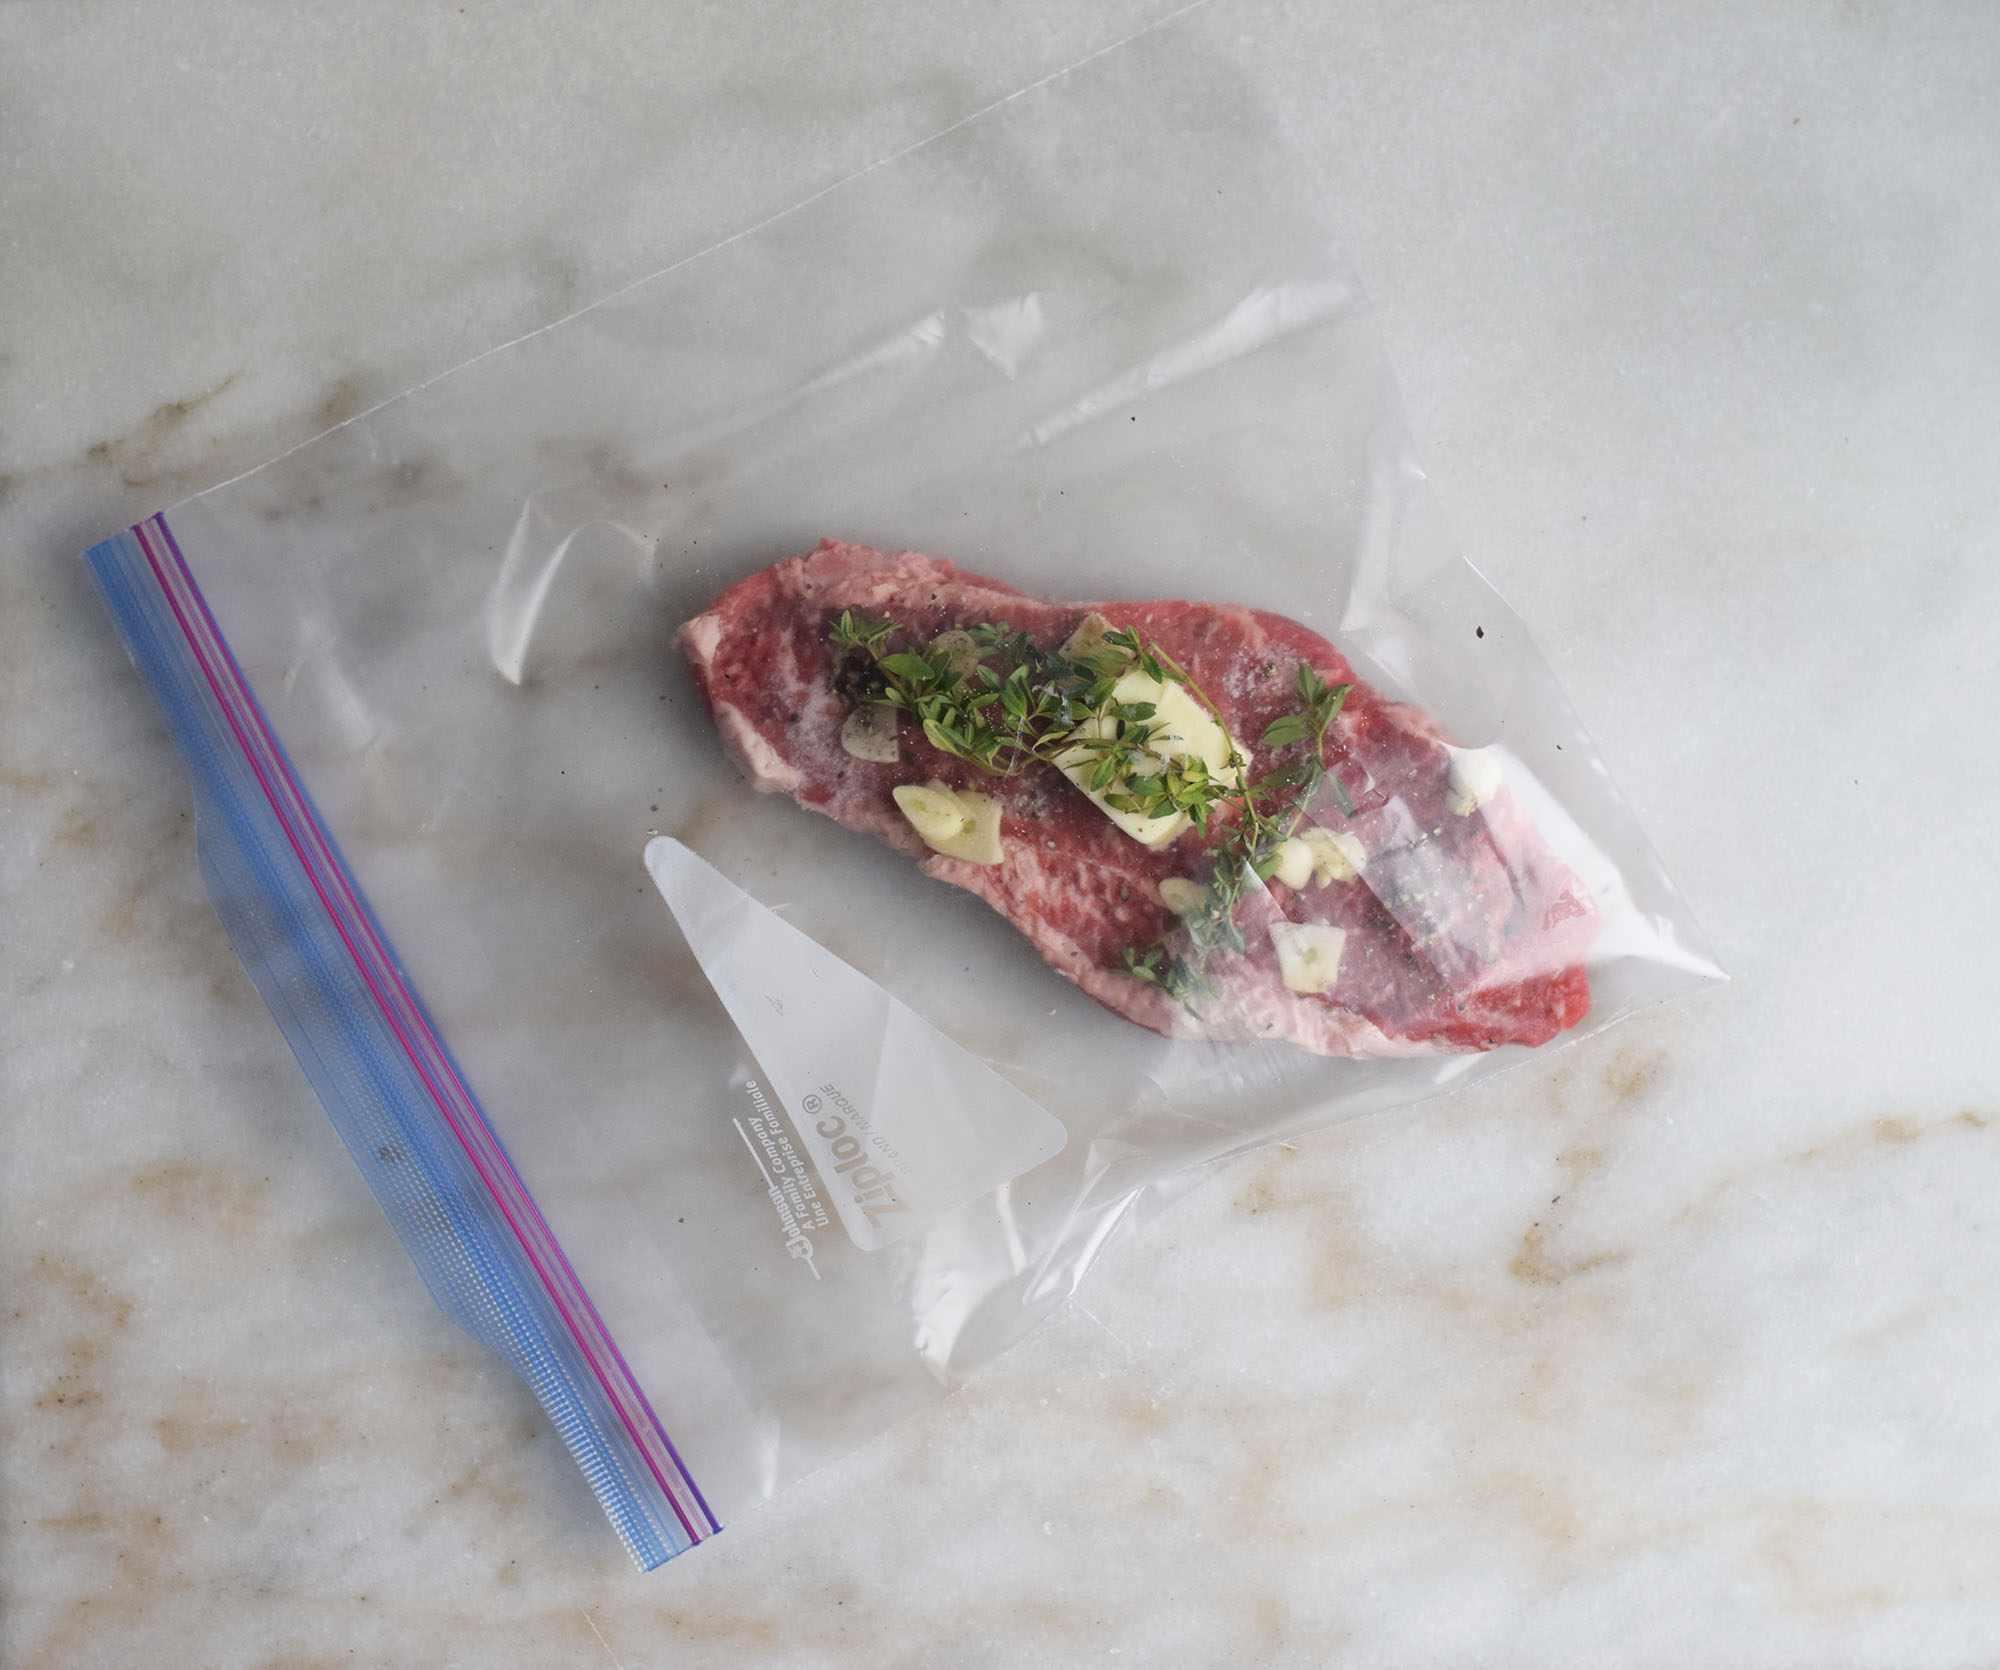 Steak in a bag with seasonings